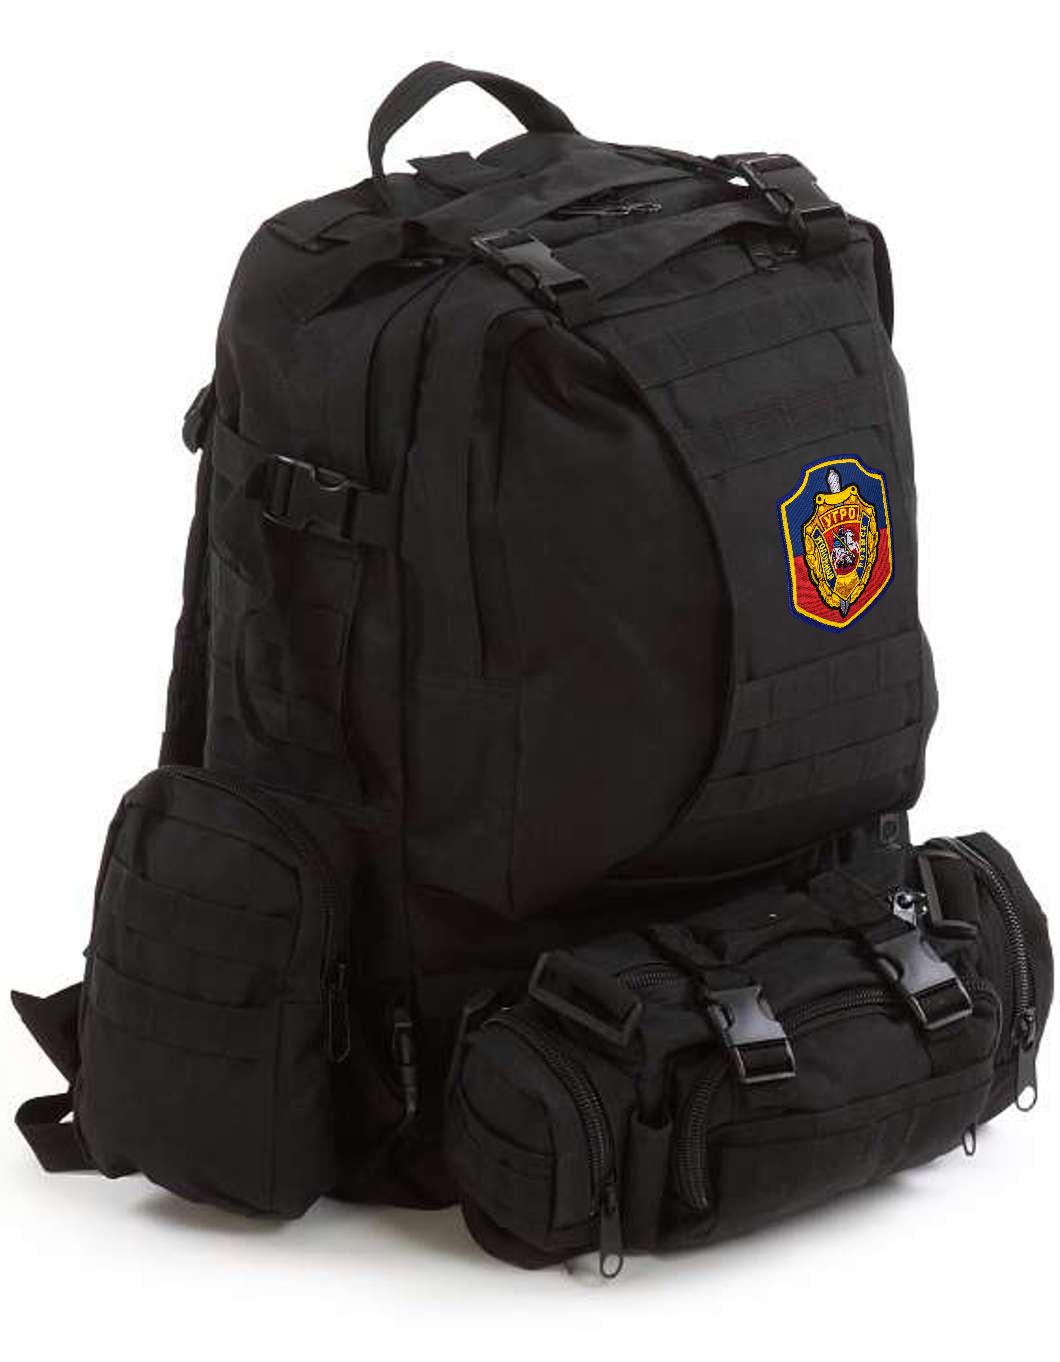 Рейдовый черный рюкзак Assault УГРО - купить выгодно